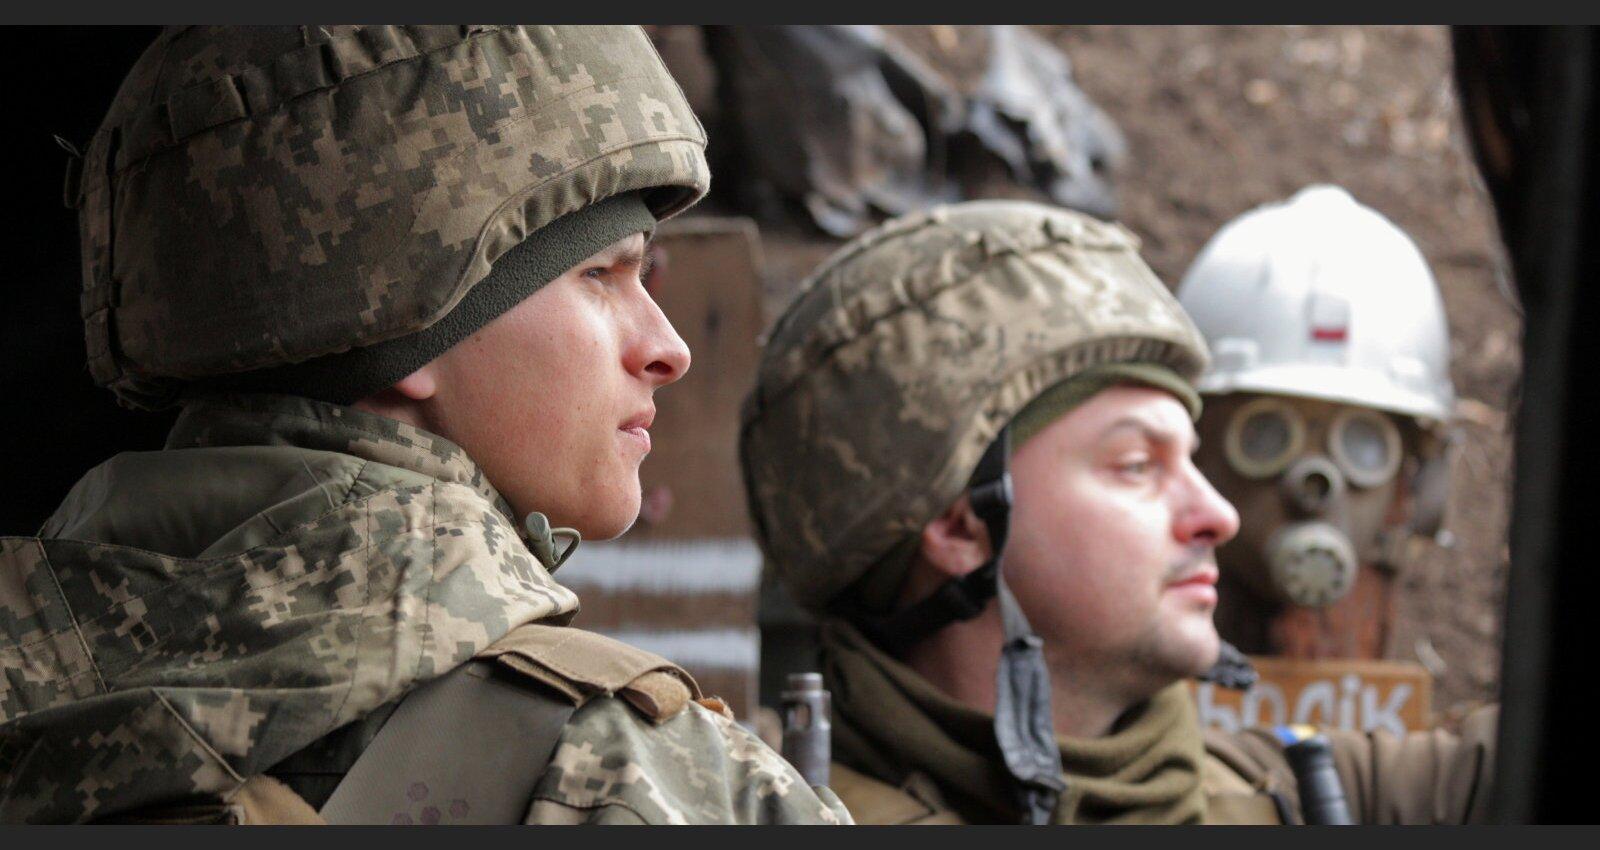 Vai Krievijas ofensīva ir iespējama? Kas notiek pie Ukrainas robežām